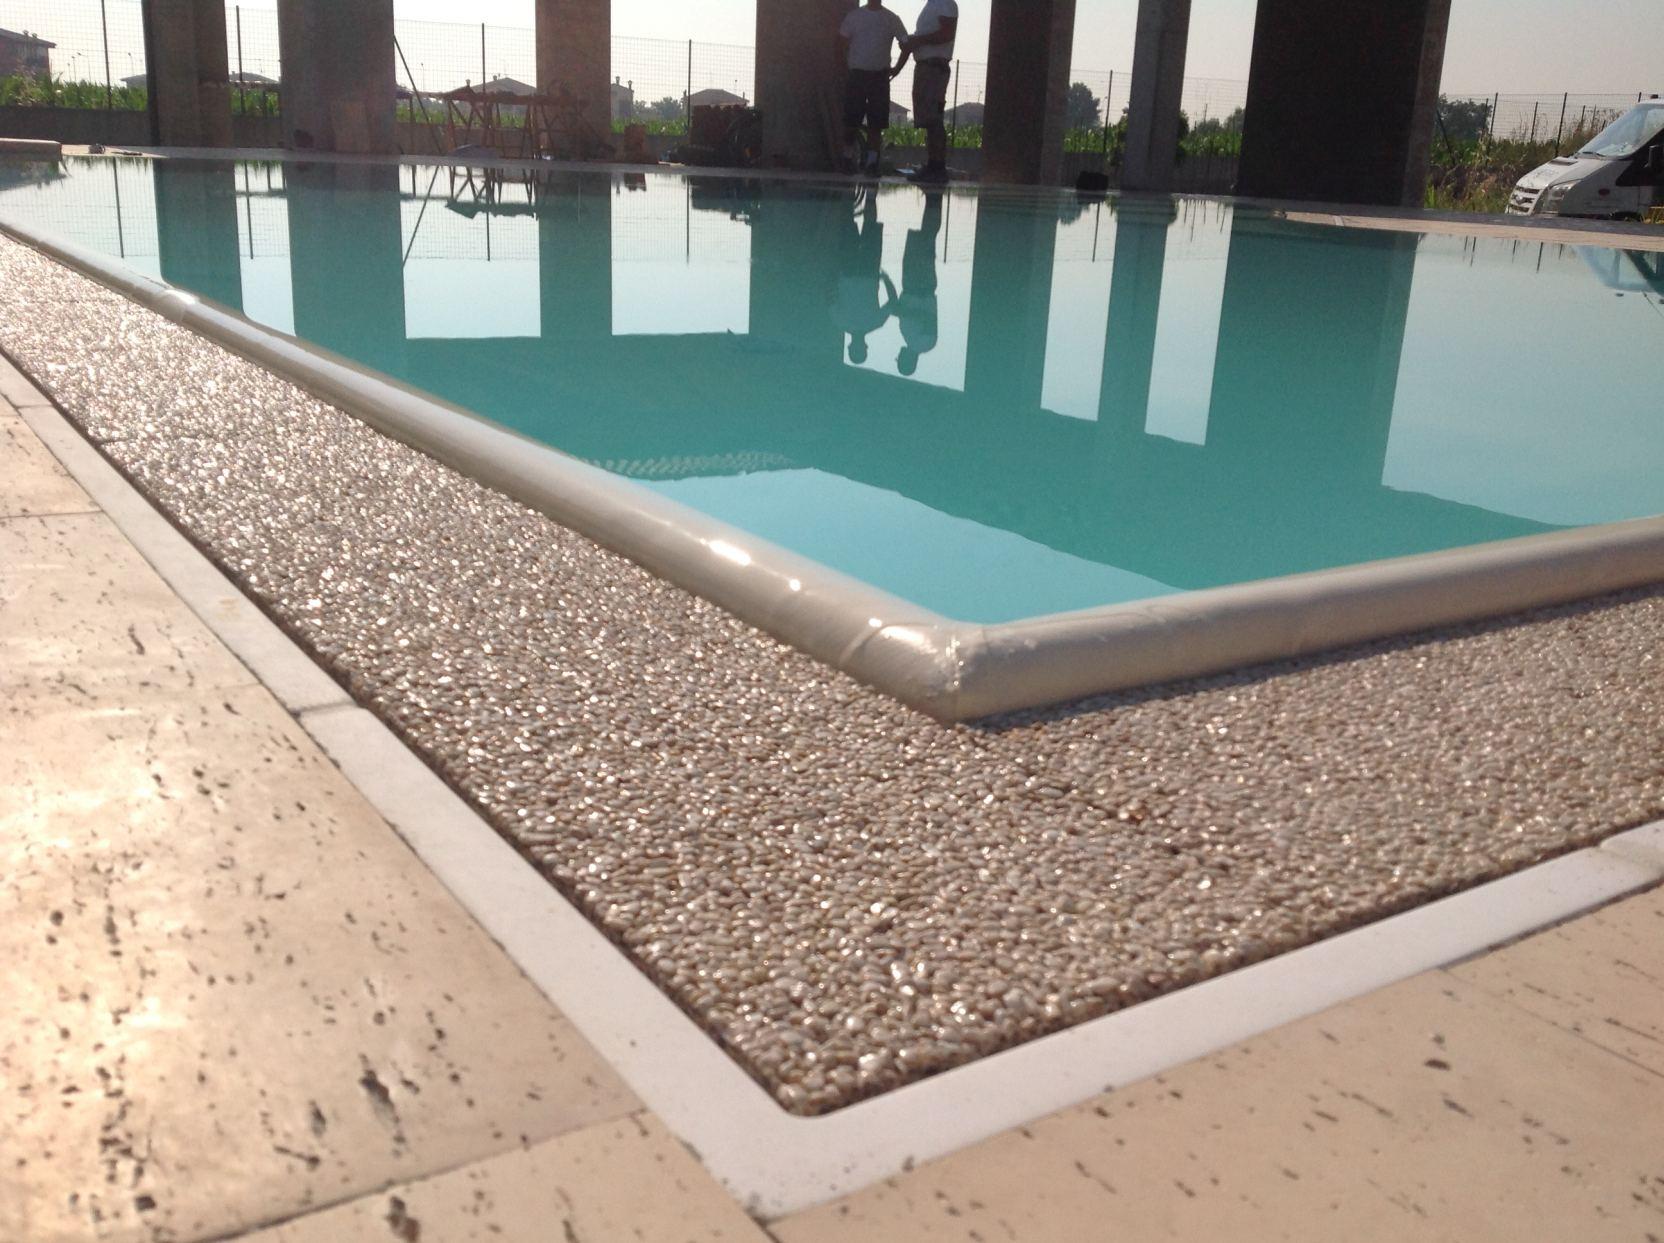 Bagnolo San Vito (12) - Casareggio Piscine: piscine, piscine mantova, costruttori di piscine